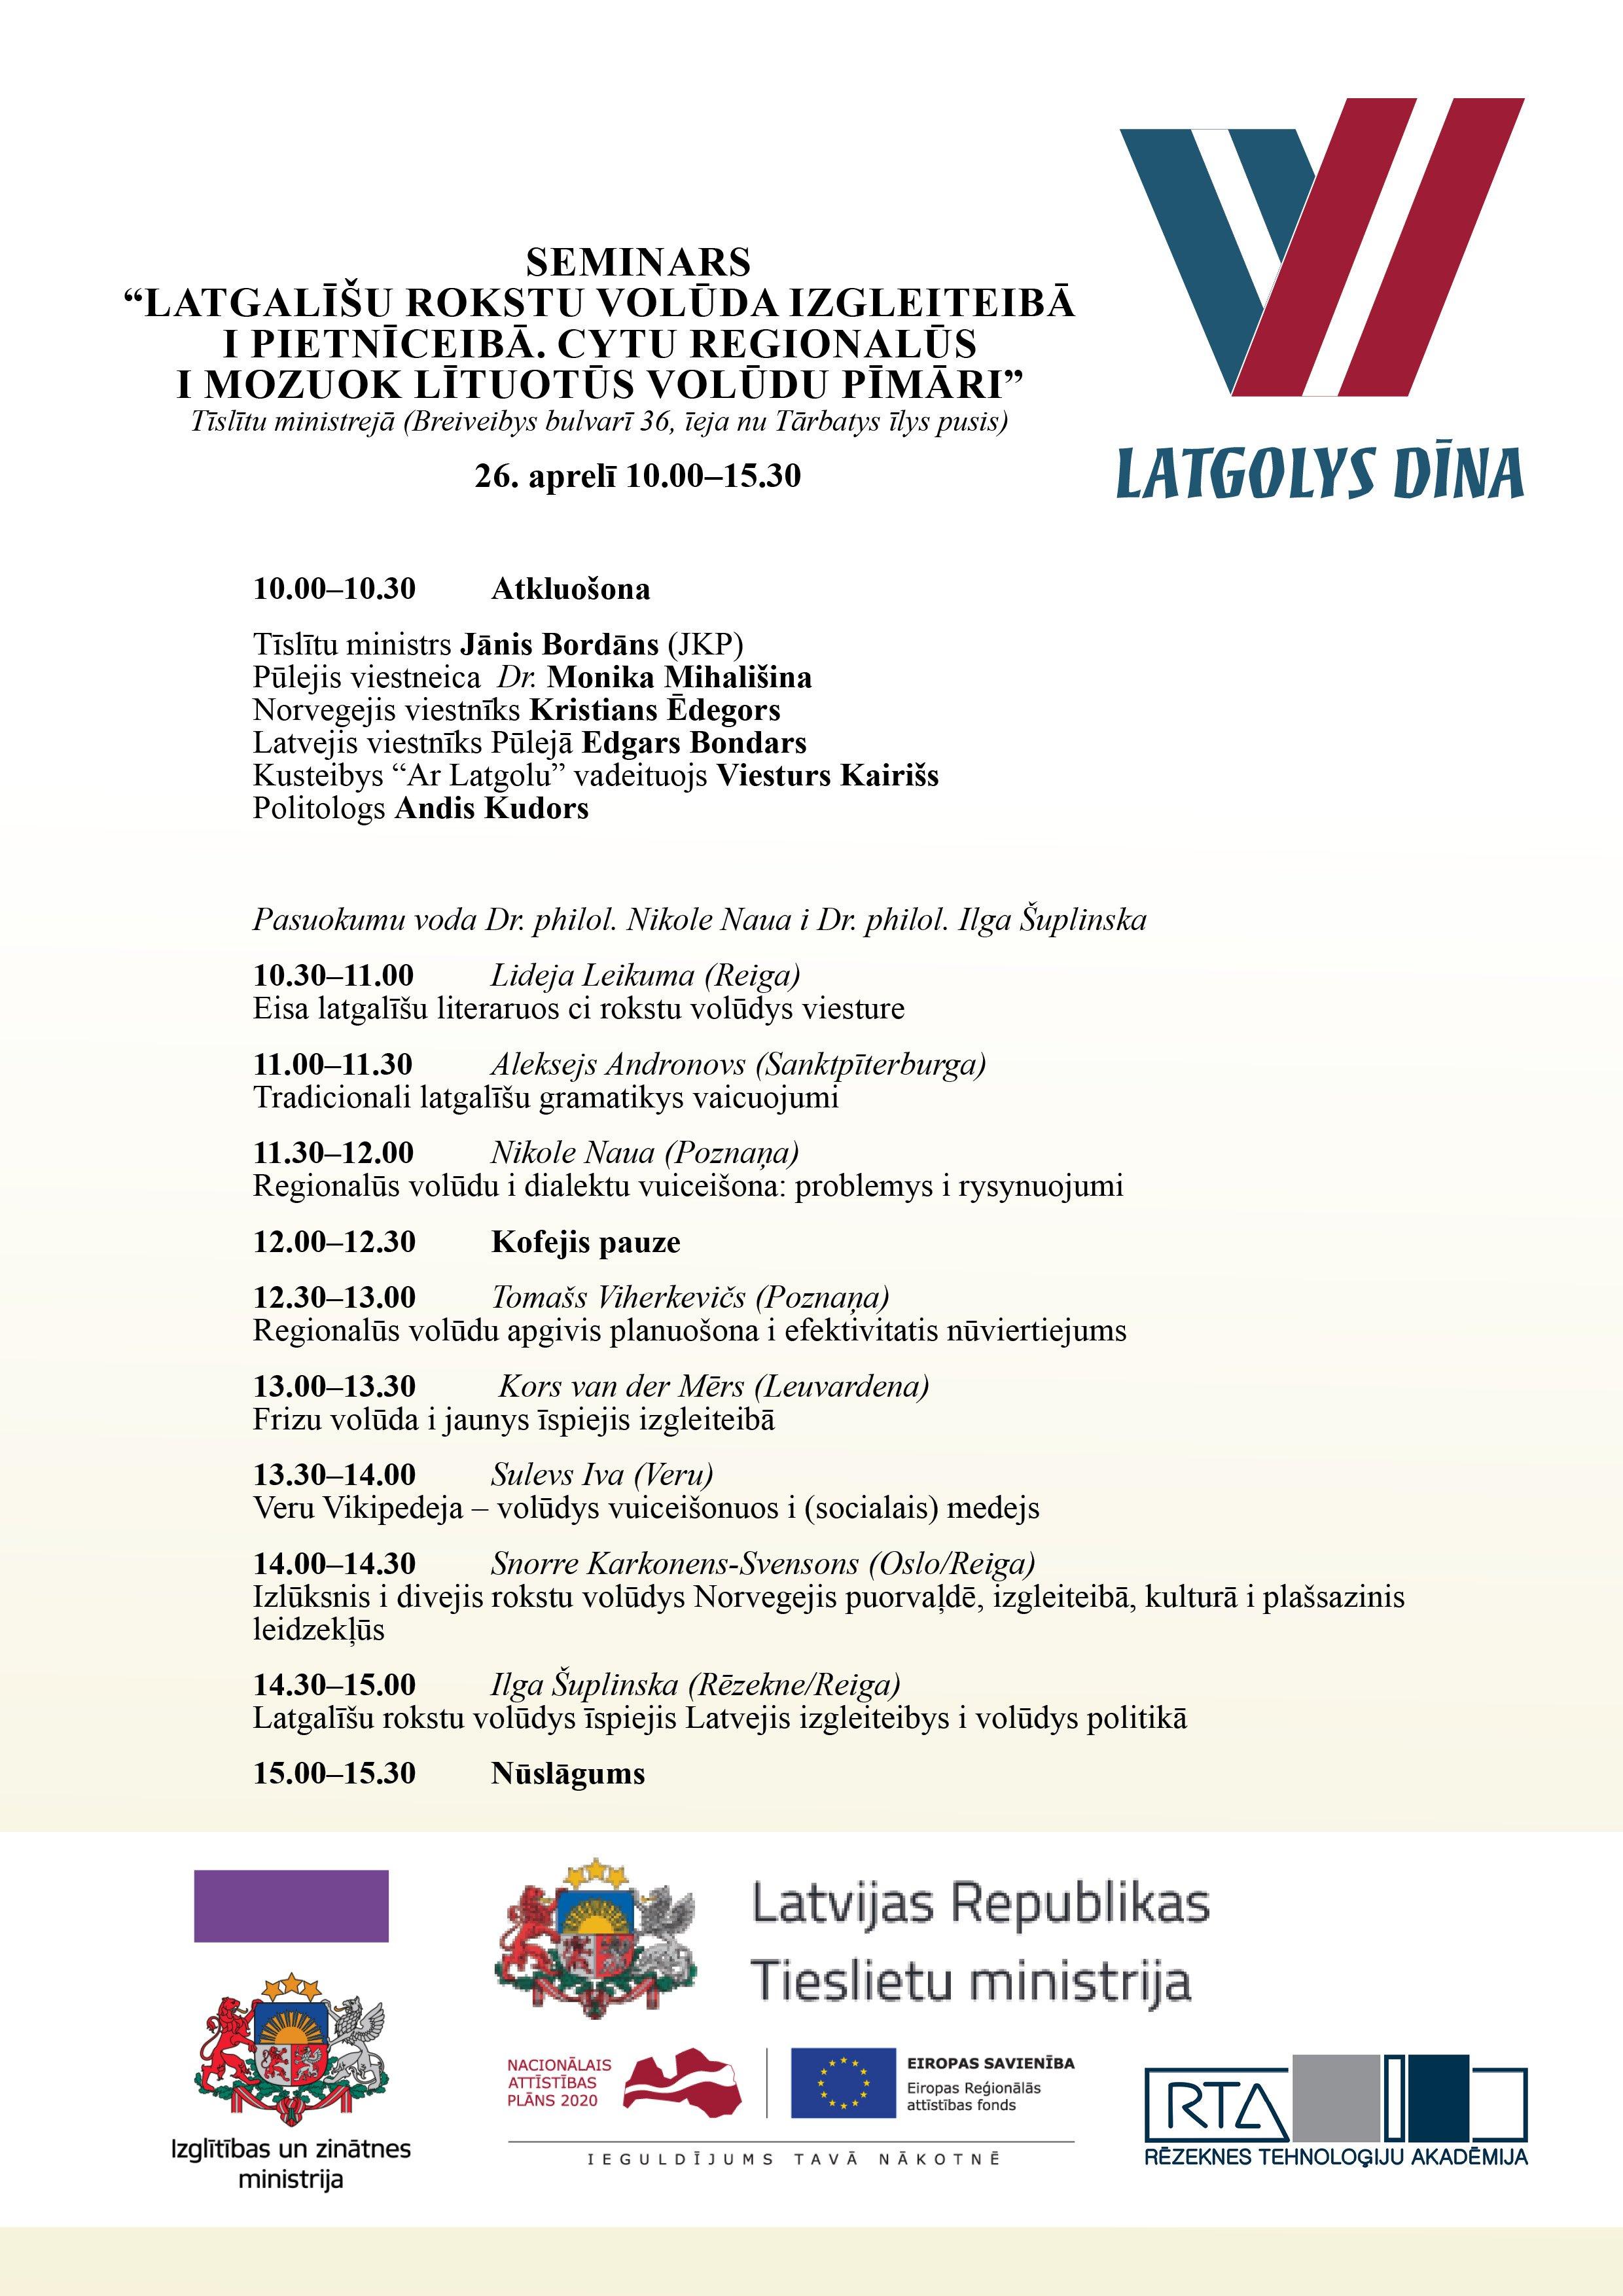 Seminars par latgalīšu rokstu volūdu @ Tīslītu ministreja